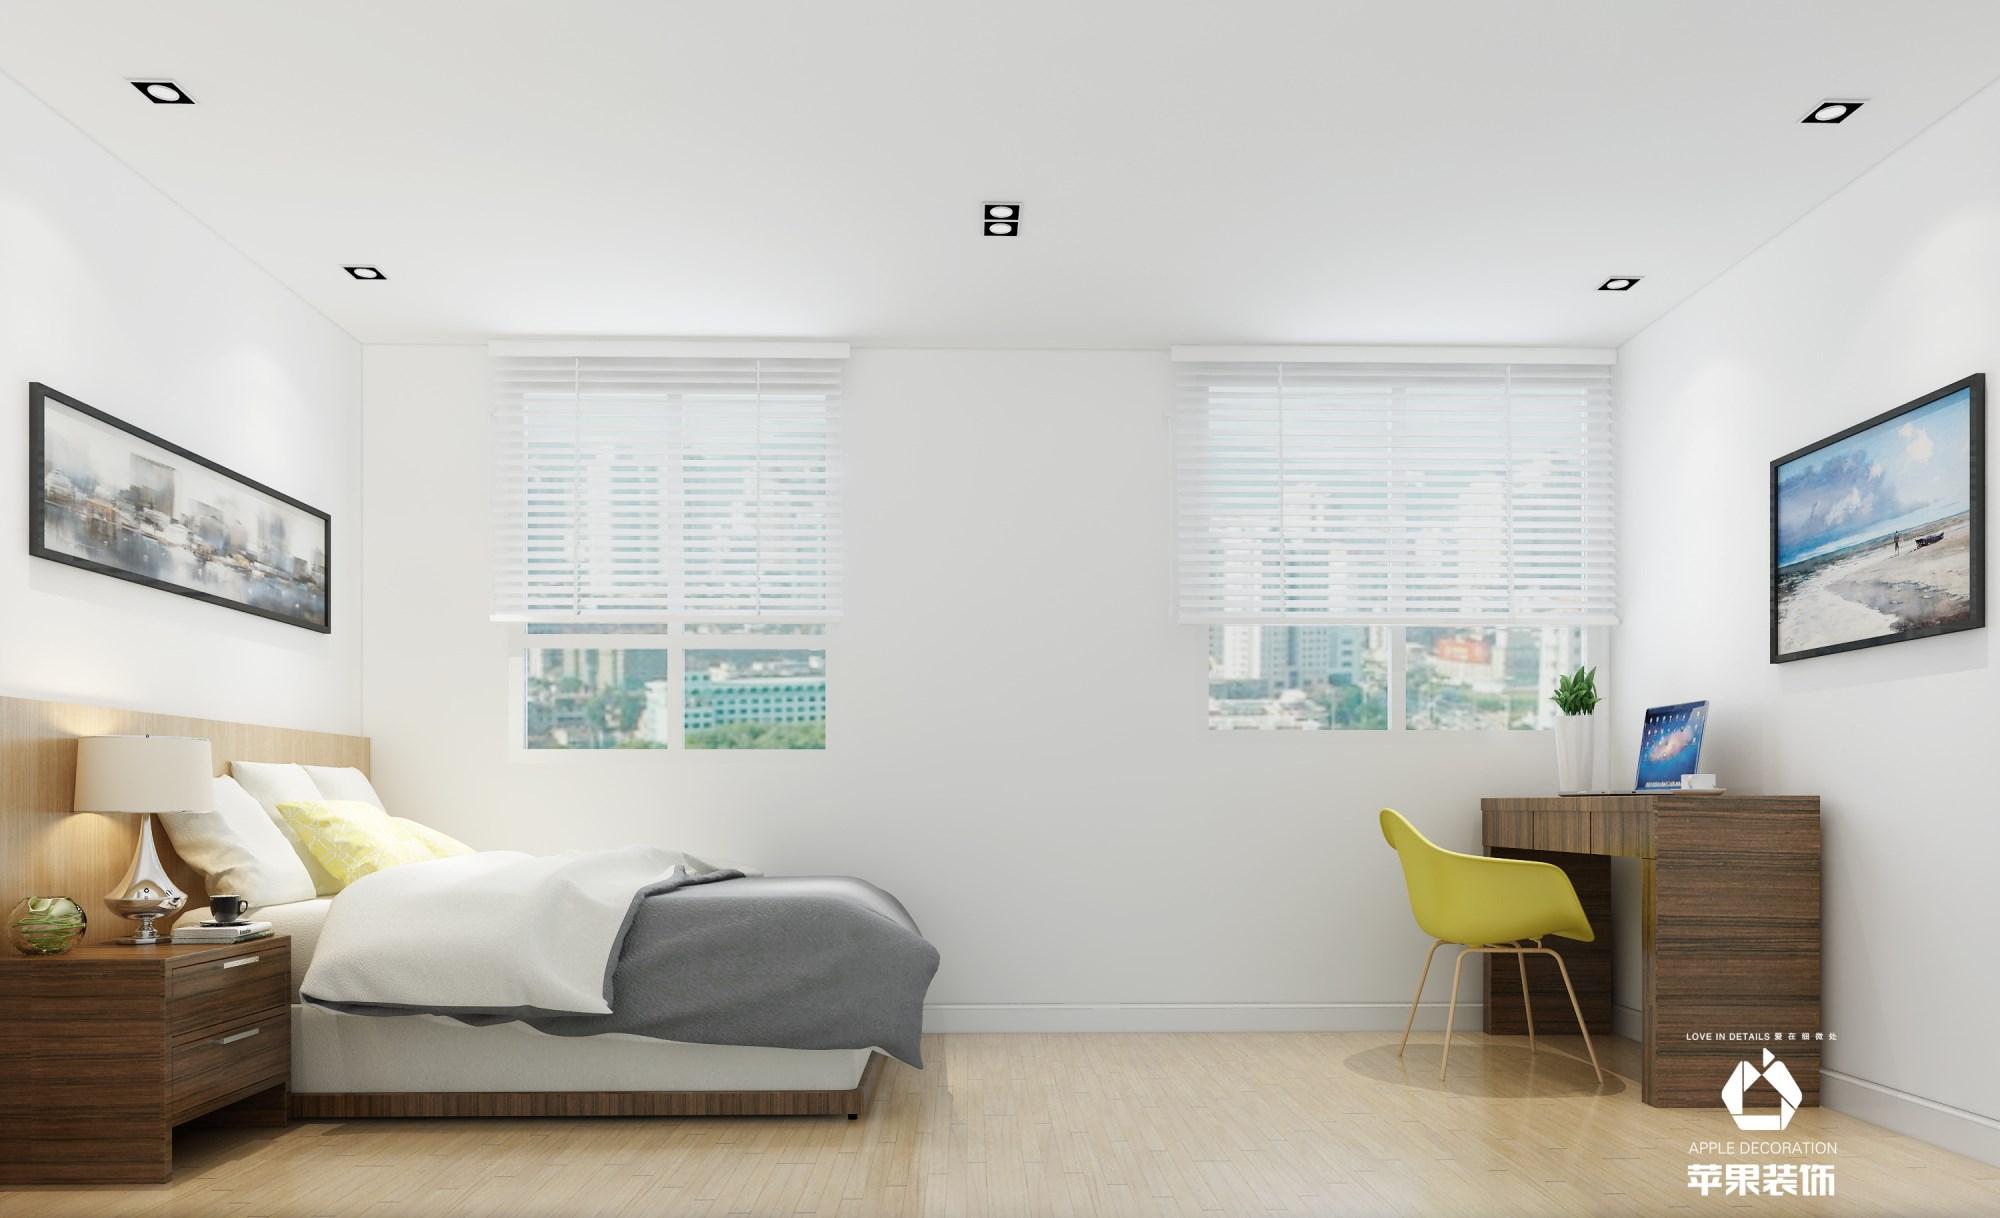 金地格林郡北欧风格两居室效果案例装修效果图